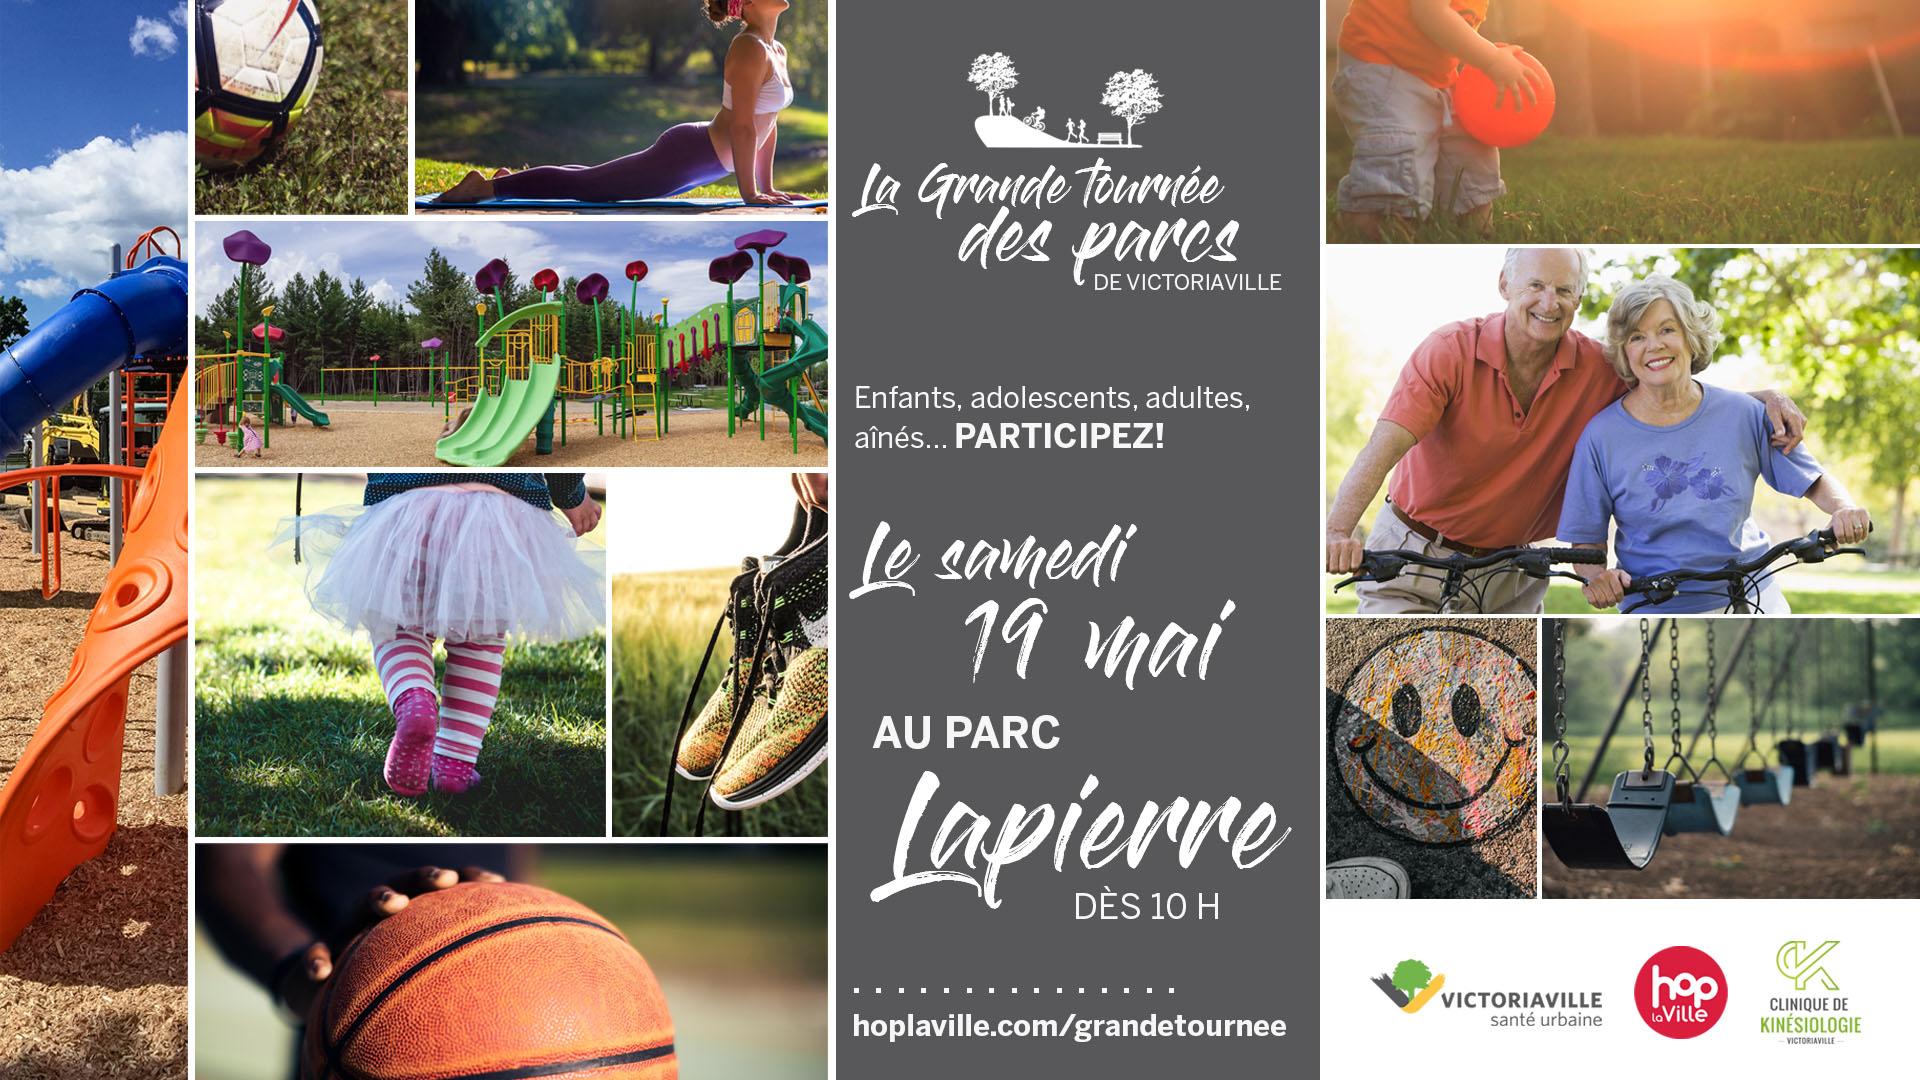 La Grande tournée des parcs - Lapierre